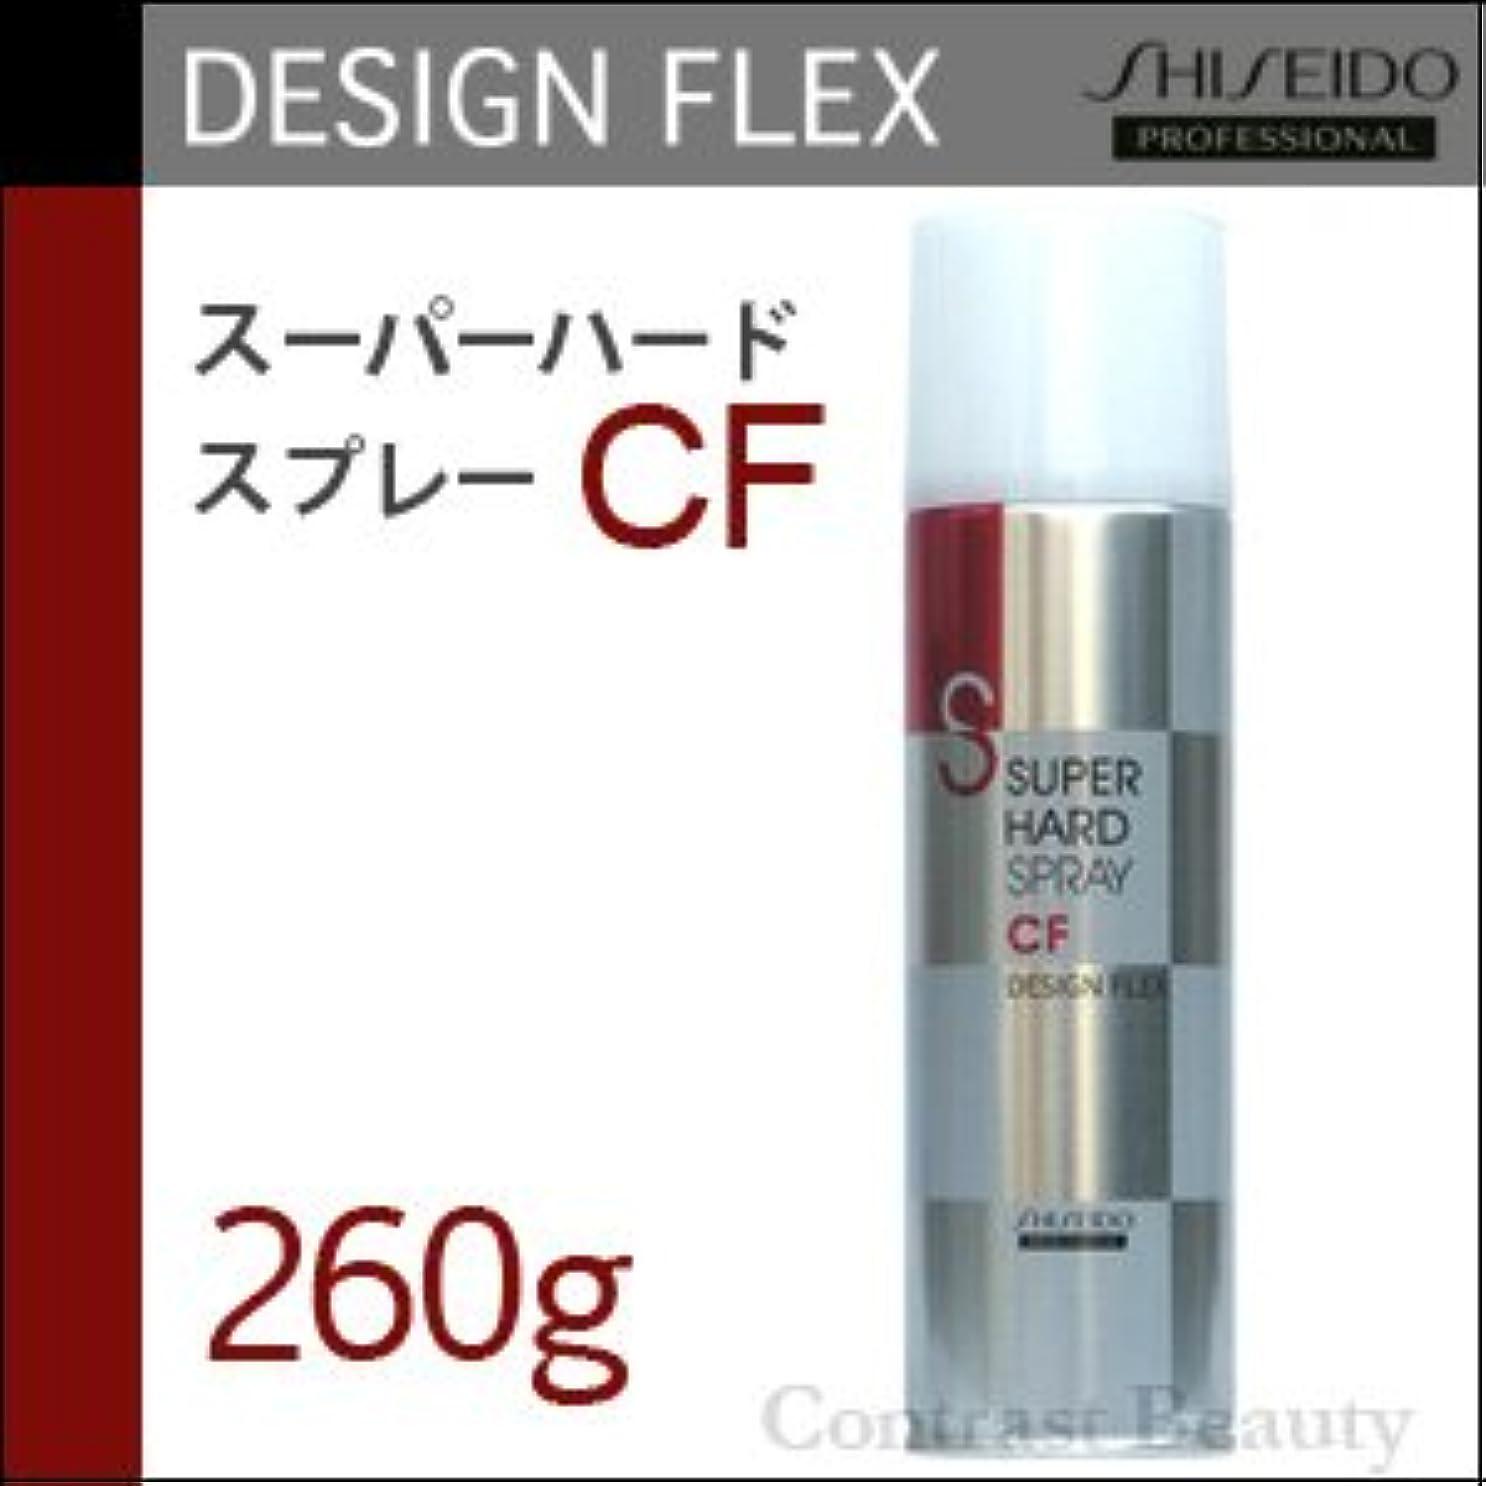 下位カップルコンドーム【x5個セット】 資生堂 デザインフレックス スーパーハードスプレーCF 260g